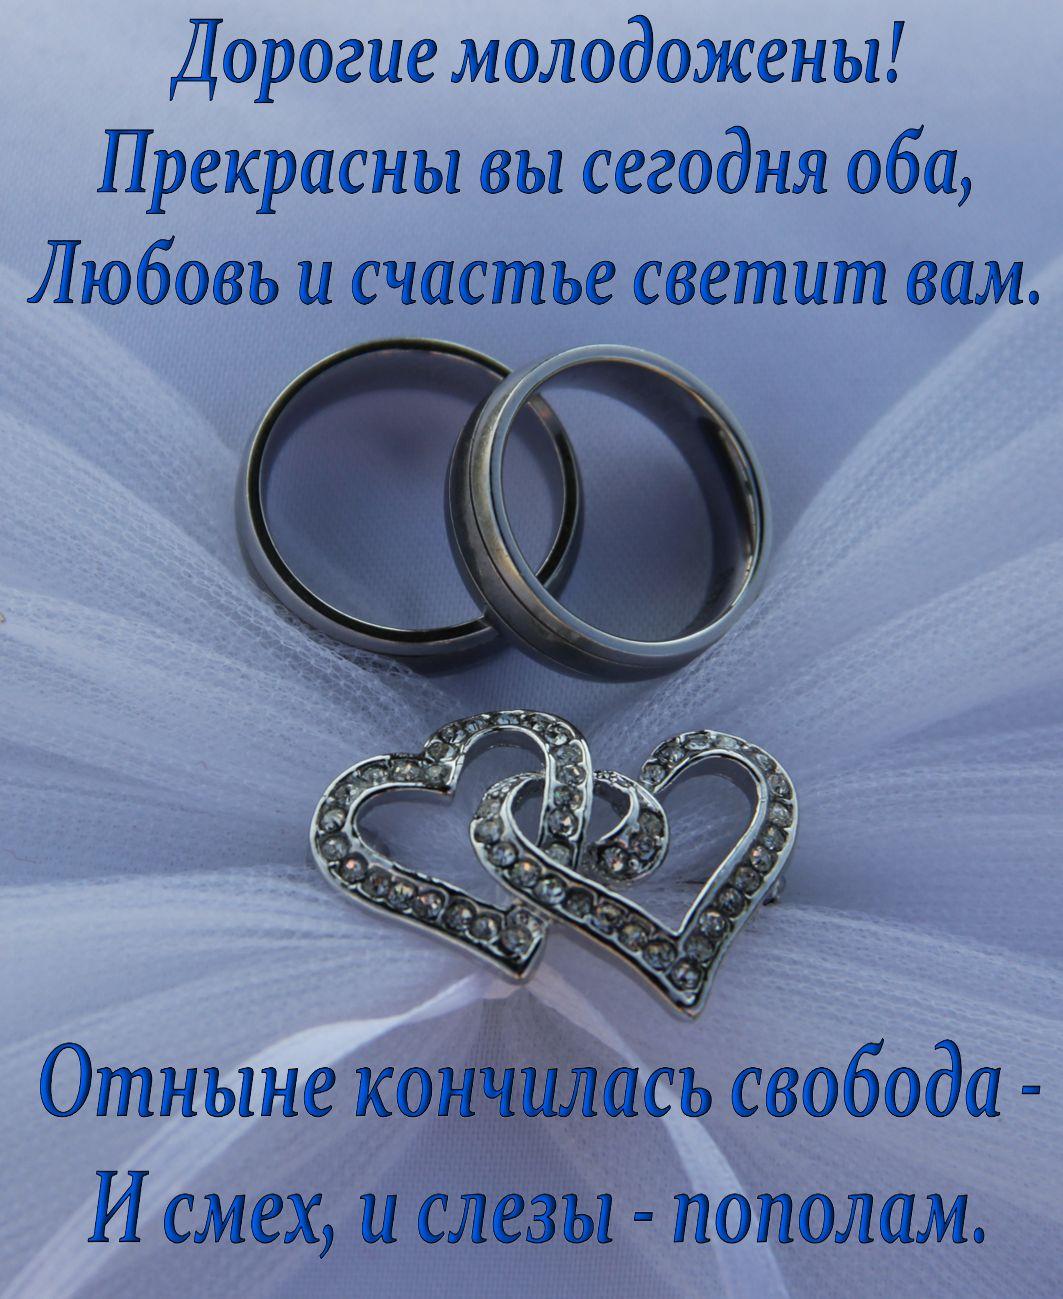 Поздравление с бракосочетанием от друга